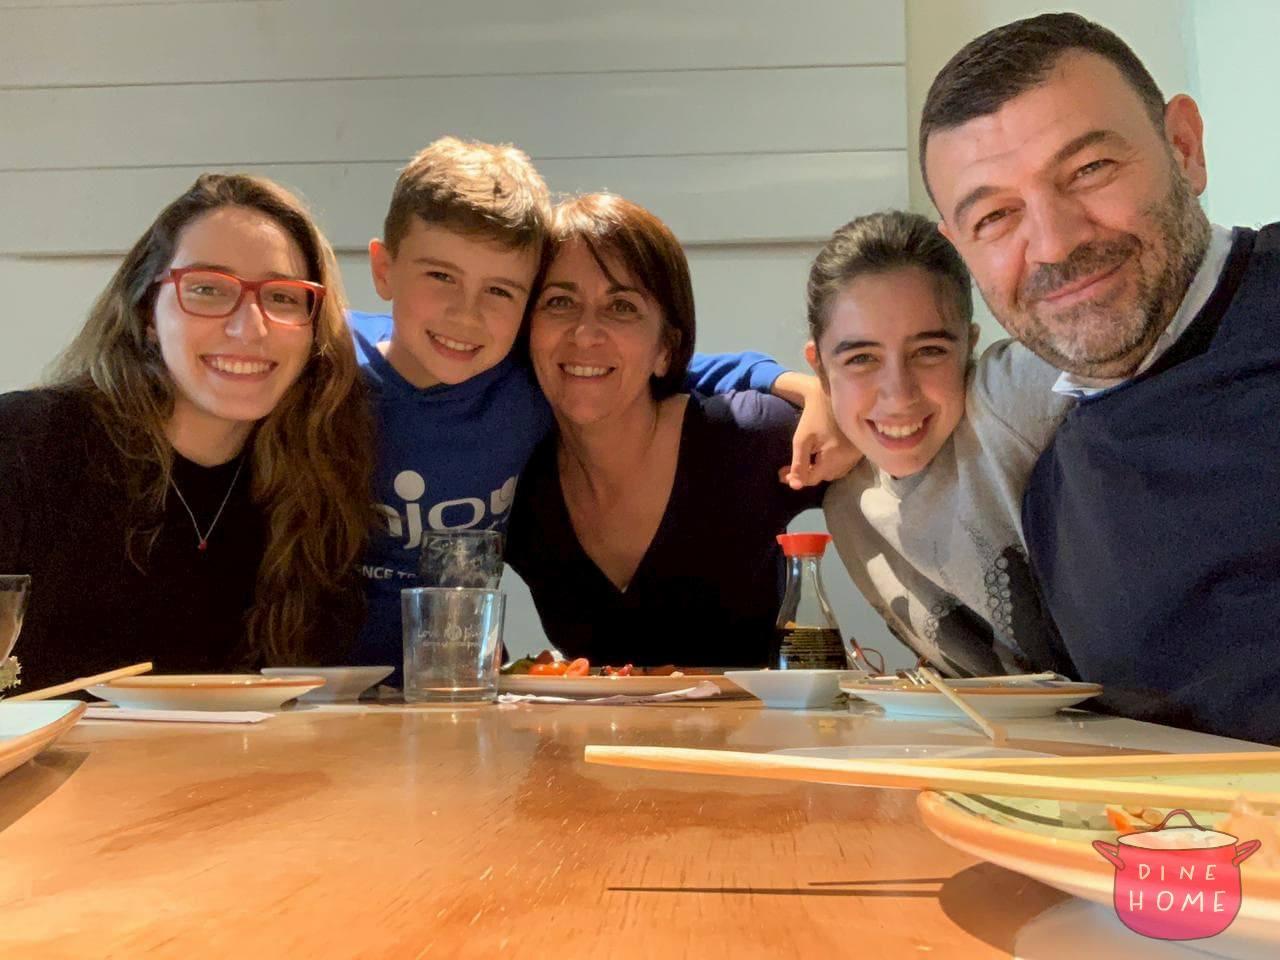 Michelle, studentessa brasiliana, a cena dalla sua famiglia Dinehome.